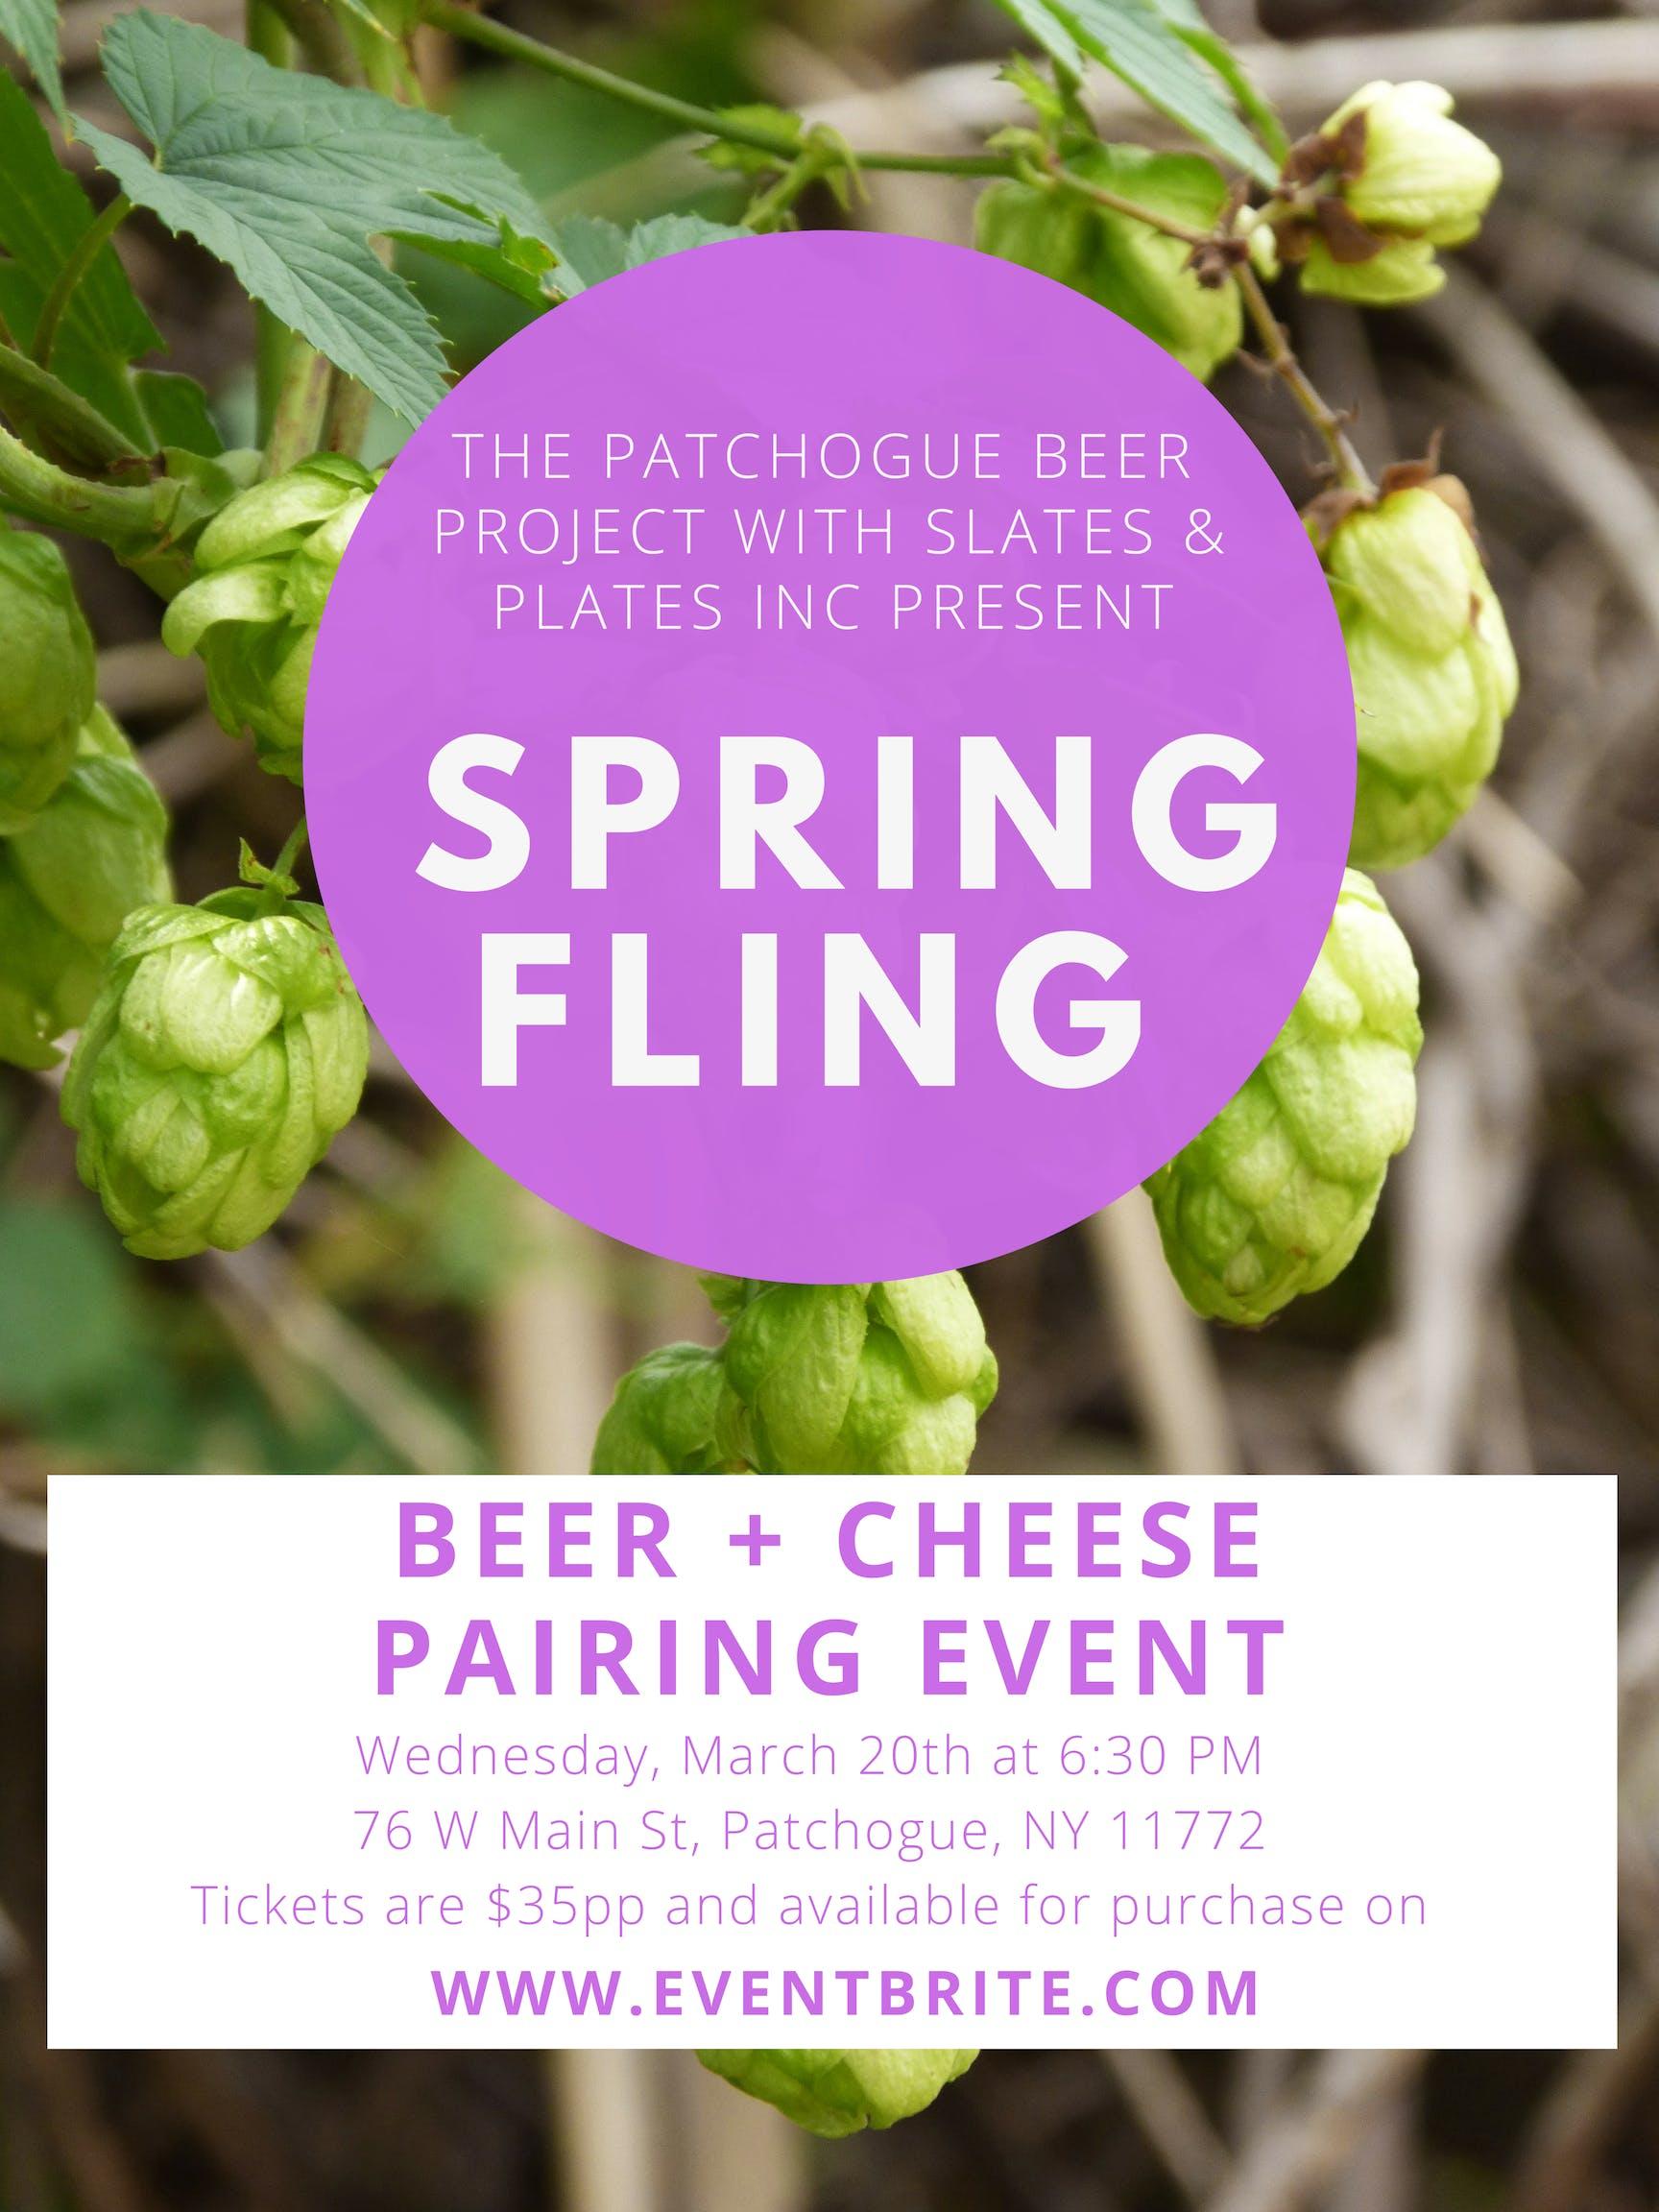 Spring Fling, BEER & CHEESE PAIRING